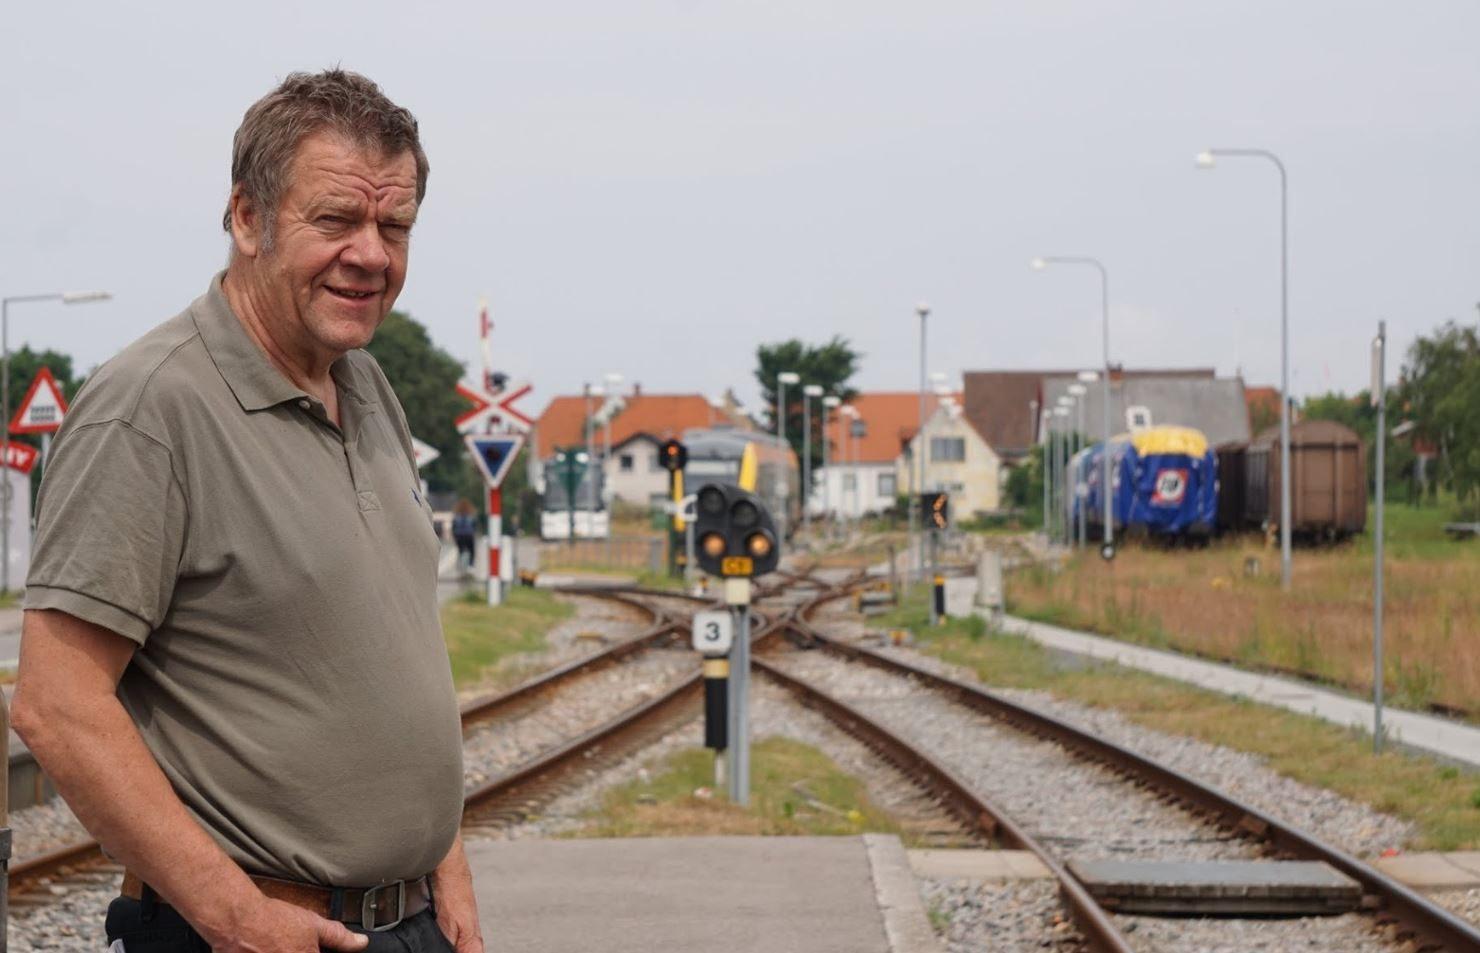 Ole østergaard